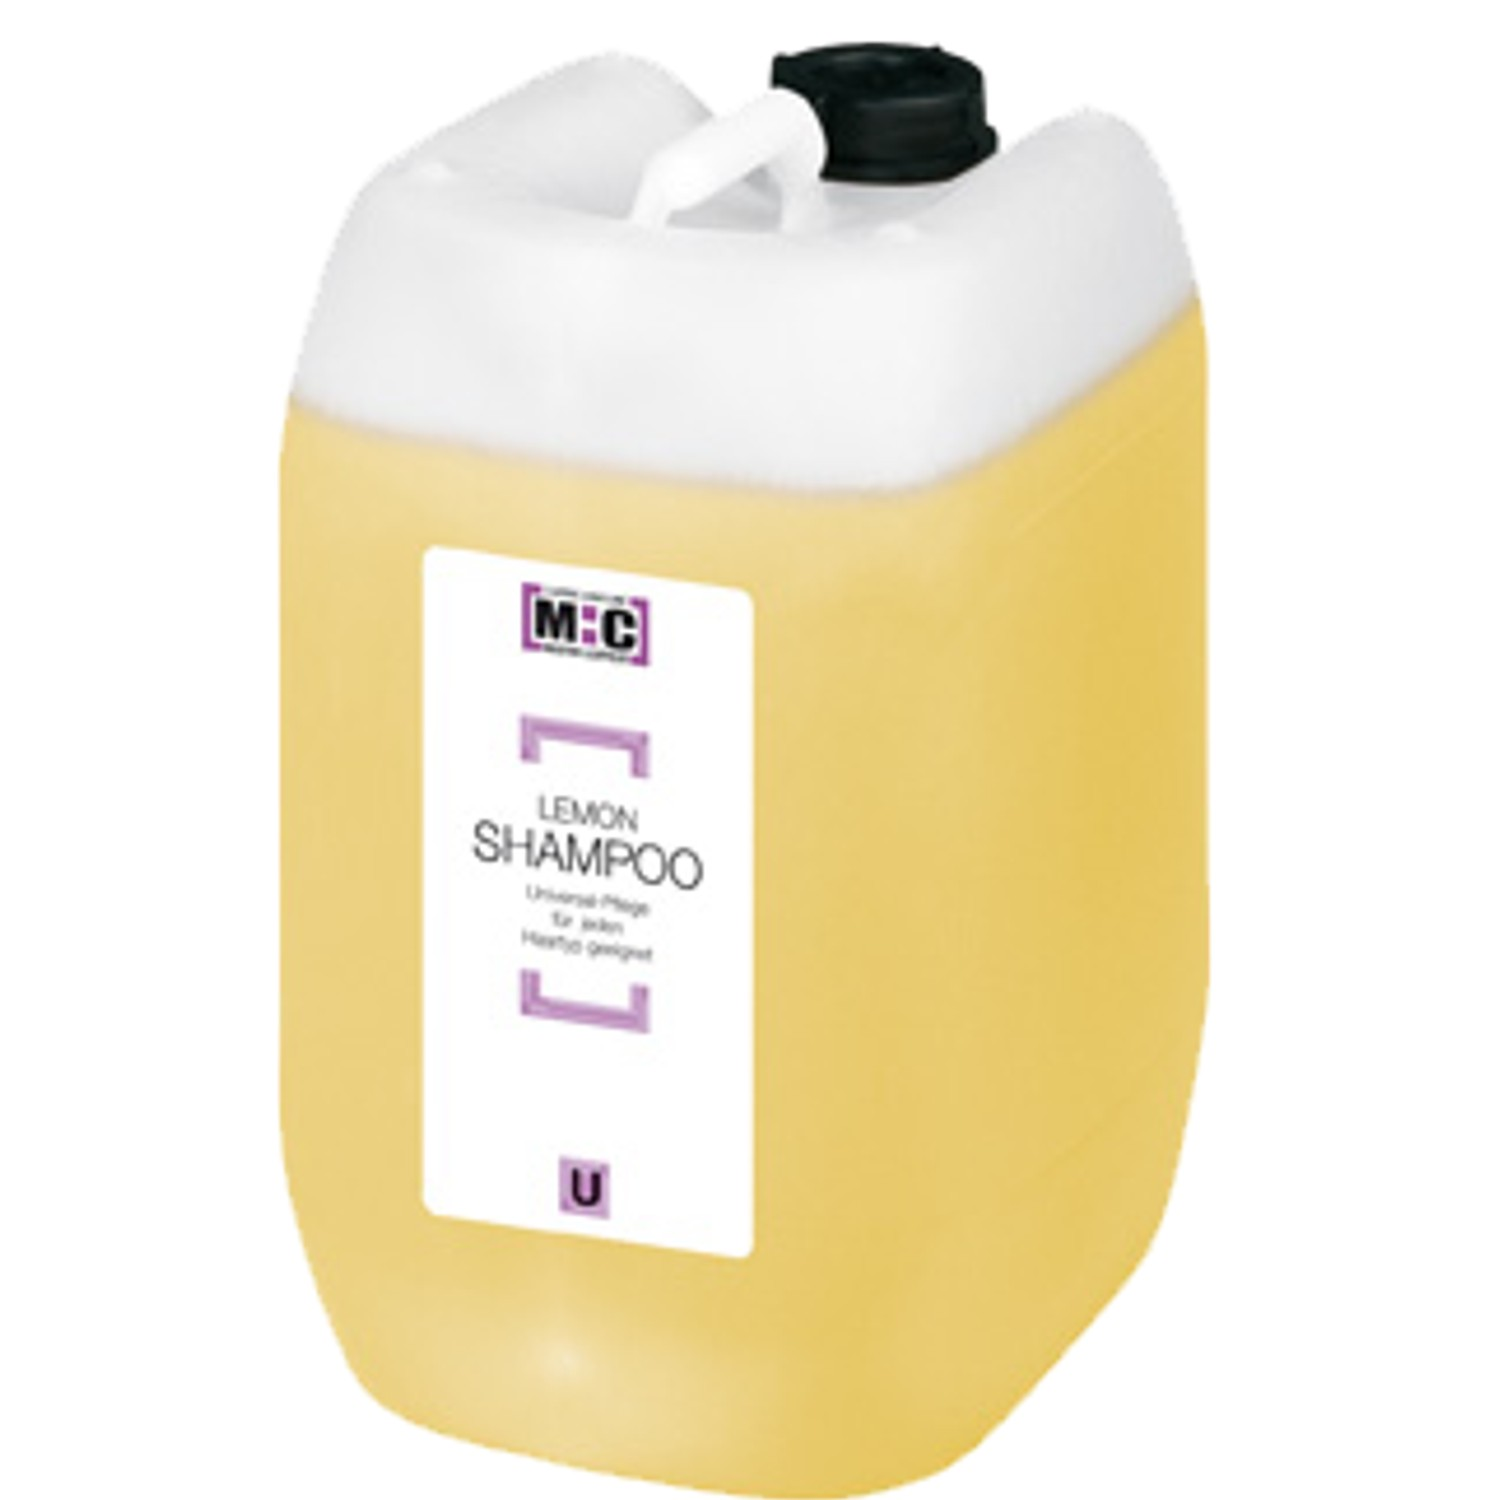 Meister Coiffeur M:C Lemon Shampoo U, 5 L